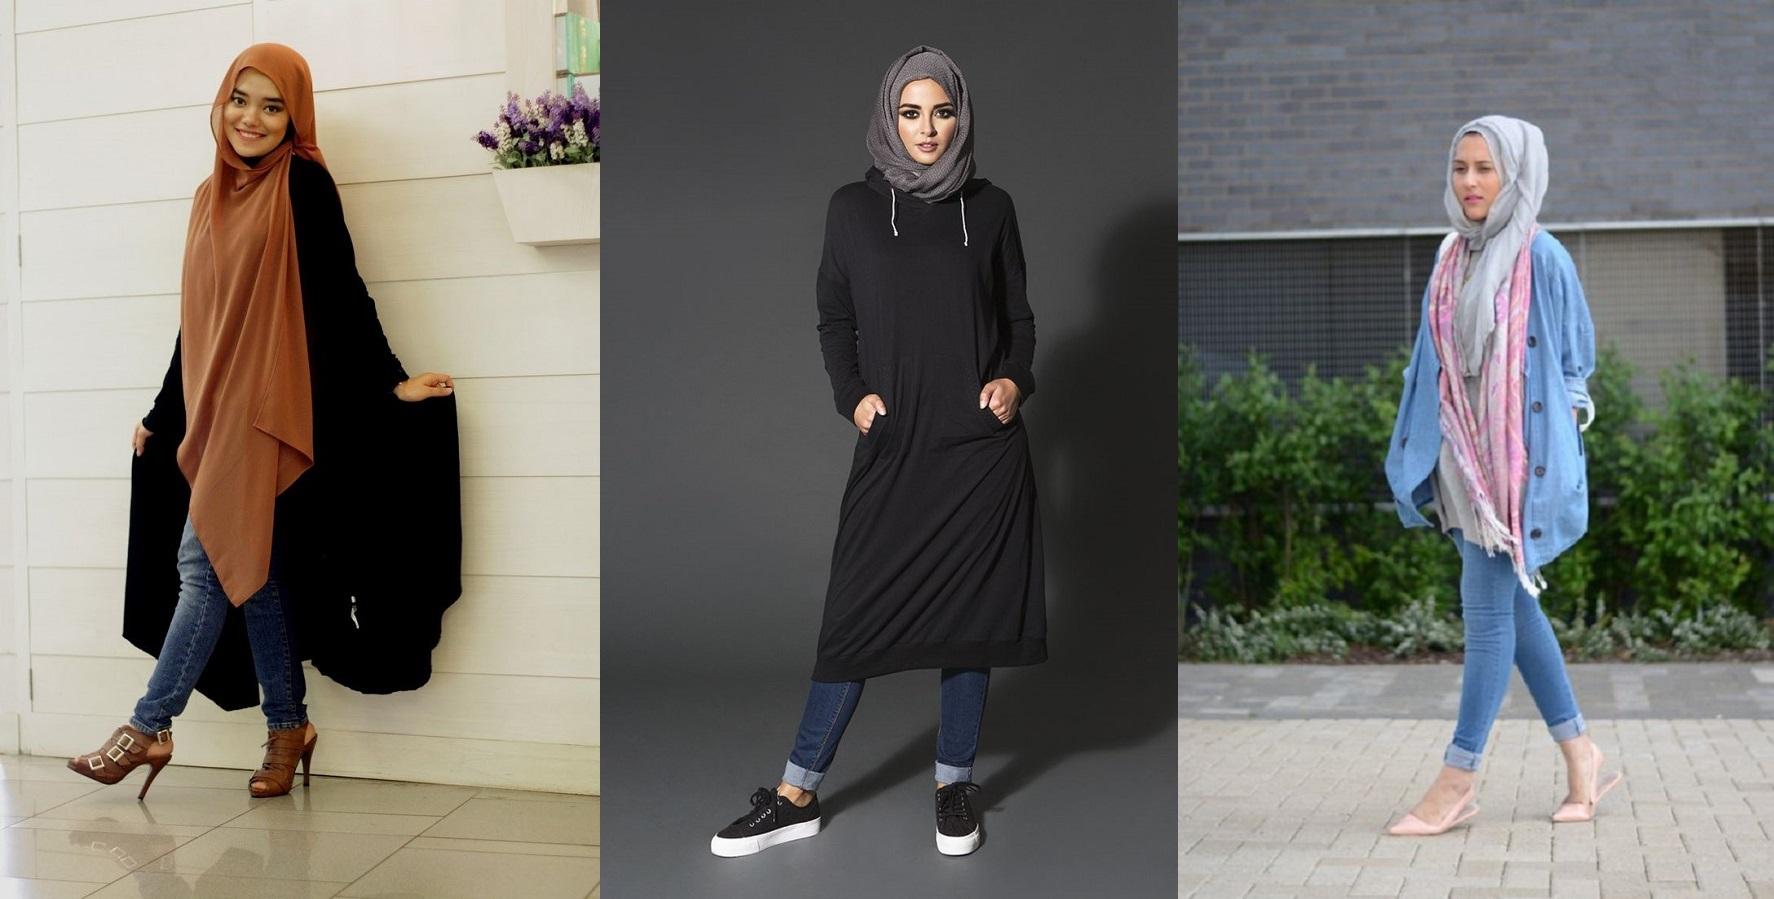 10-gaya-terbaru-padu-padan-hijab-kasual-celana-jeans-hits-di-2018-1801036.jpg